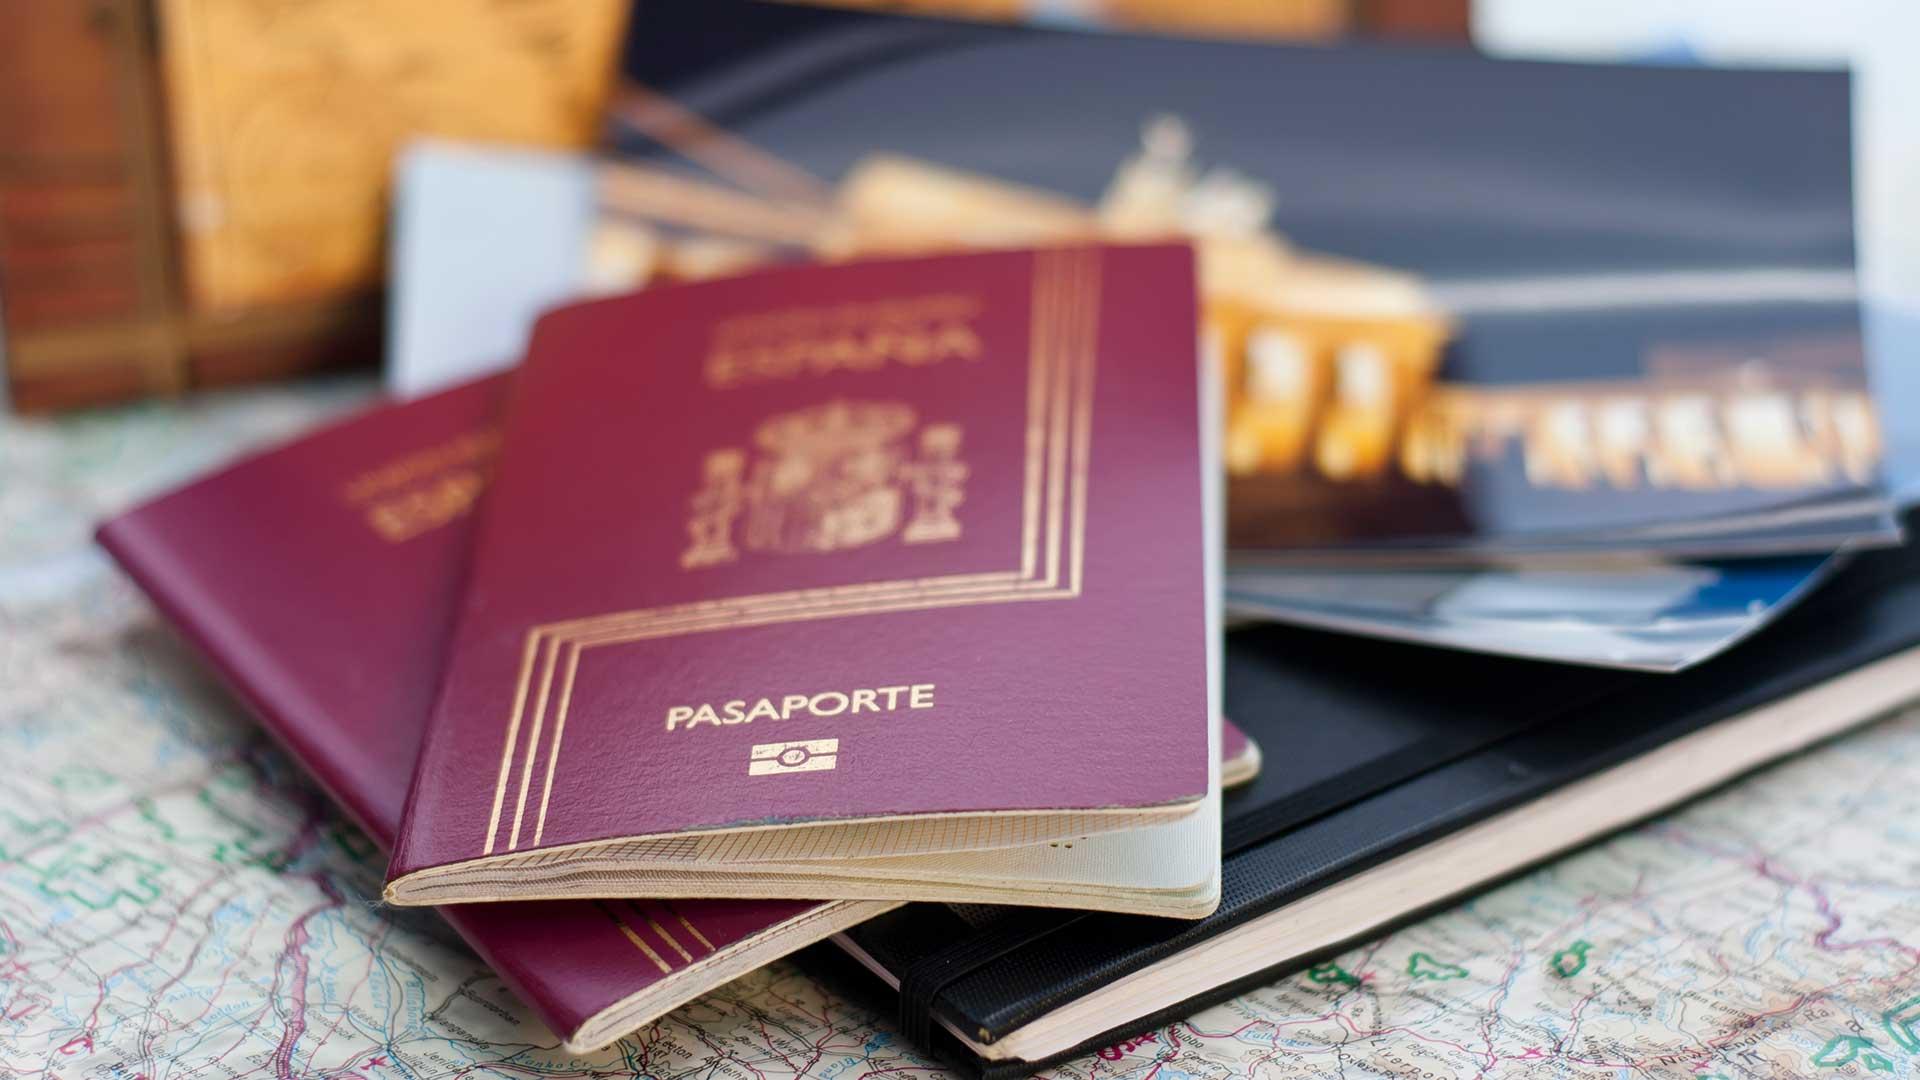 Как стать гражданином испании россиянину в 2021 году